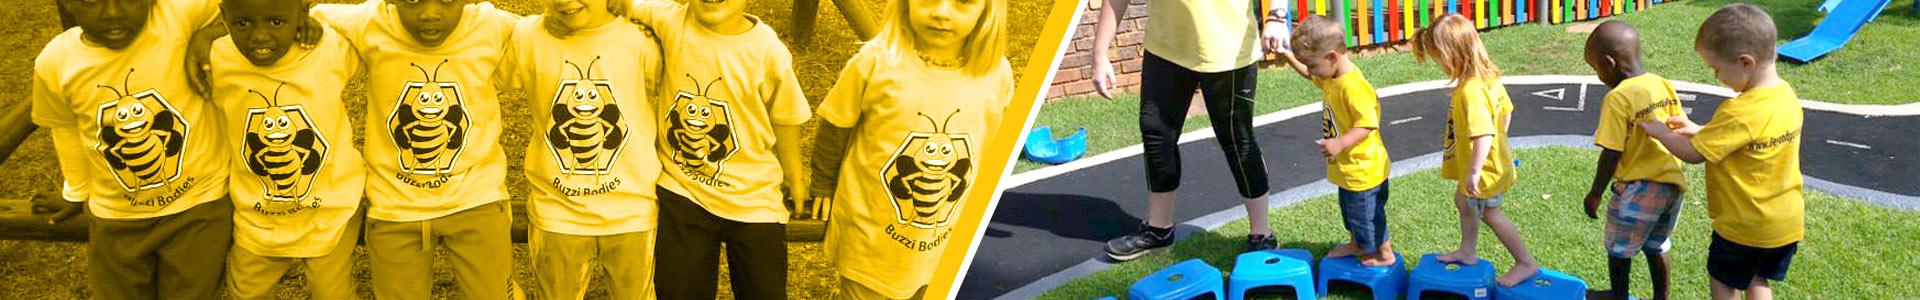 Beyond Potential Kids | Buzzi Bodies Sports